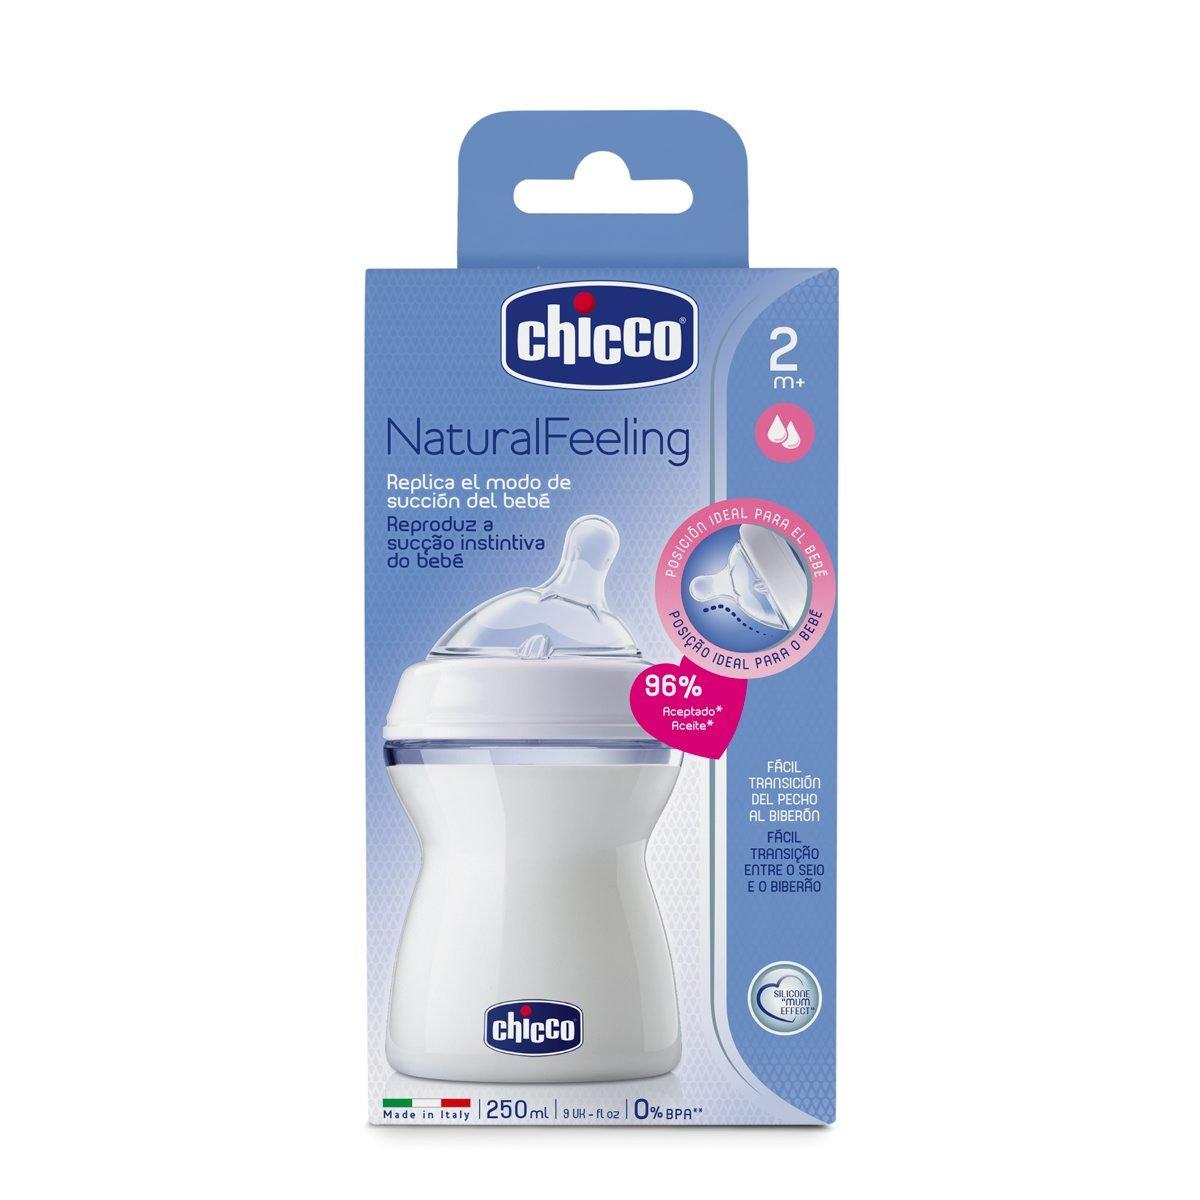 Chicco NaturalFeeling - Biberón con tetina inclinada anticólicos y flujo medio para bebé de 2m+, 250 ml